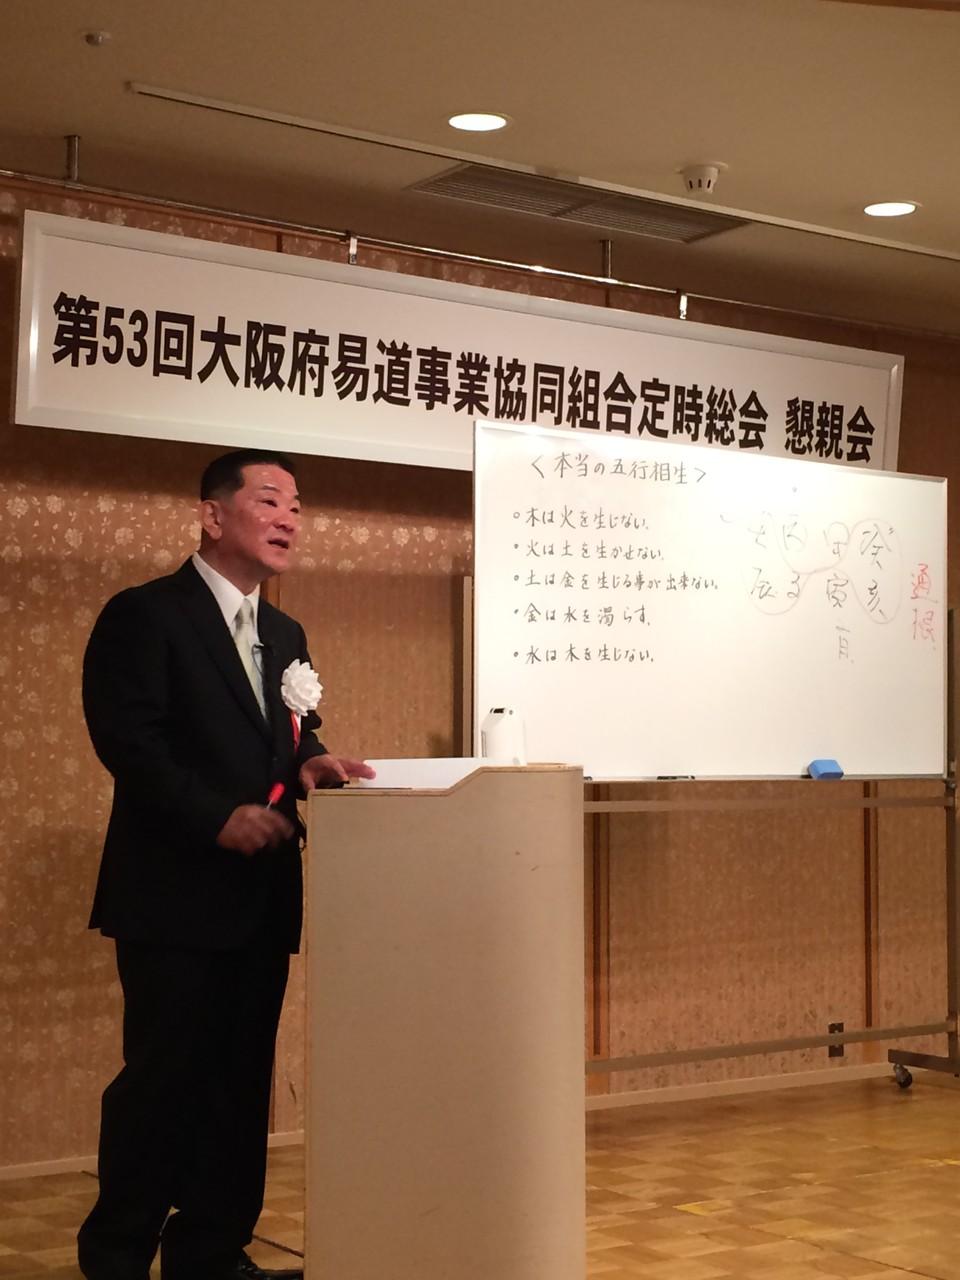 梅川新理事長による講義